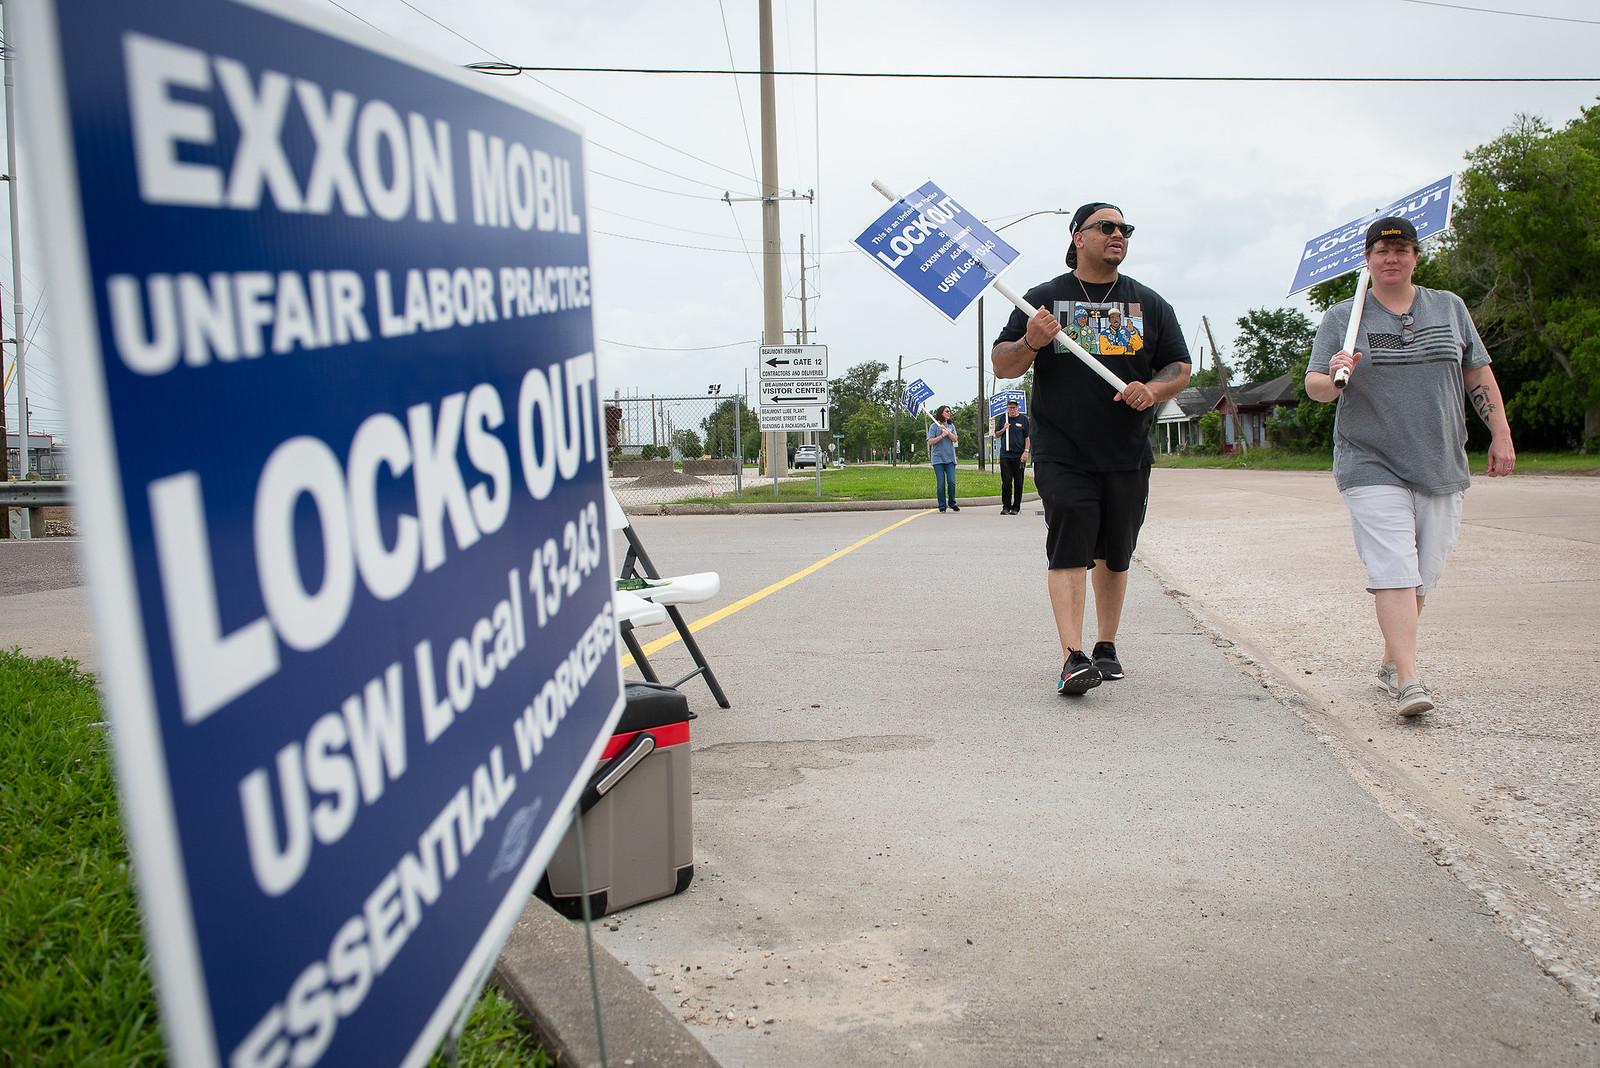 2021 ExxonMobil LockOut